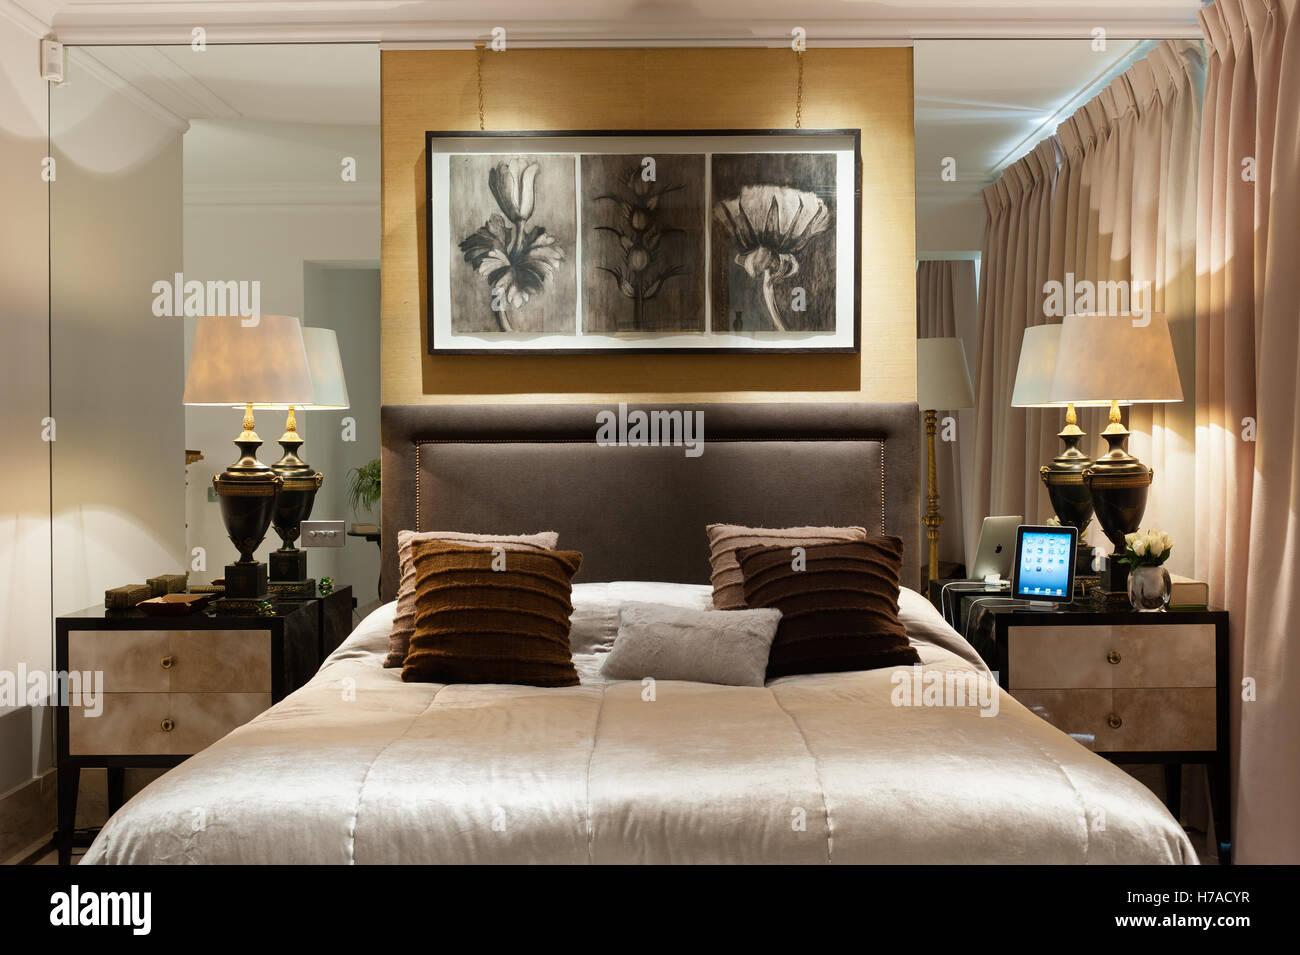 Illustrations botaniques au-dessus de lit lit double avec tables de chevet et lampes miroirs encastrés dans Photo Stock